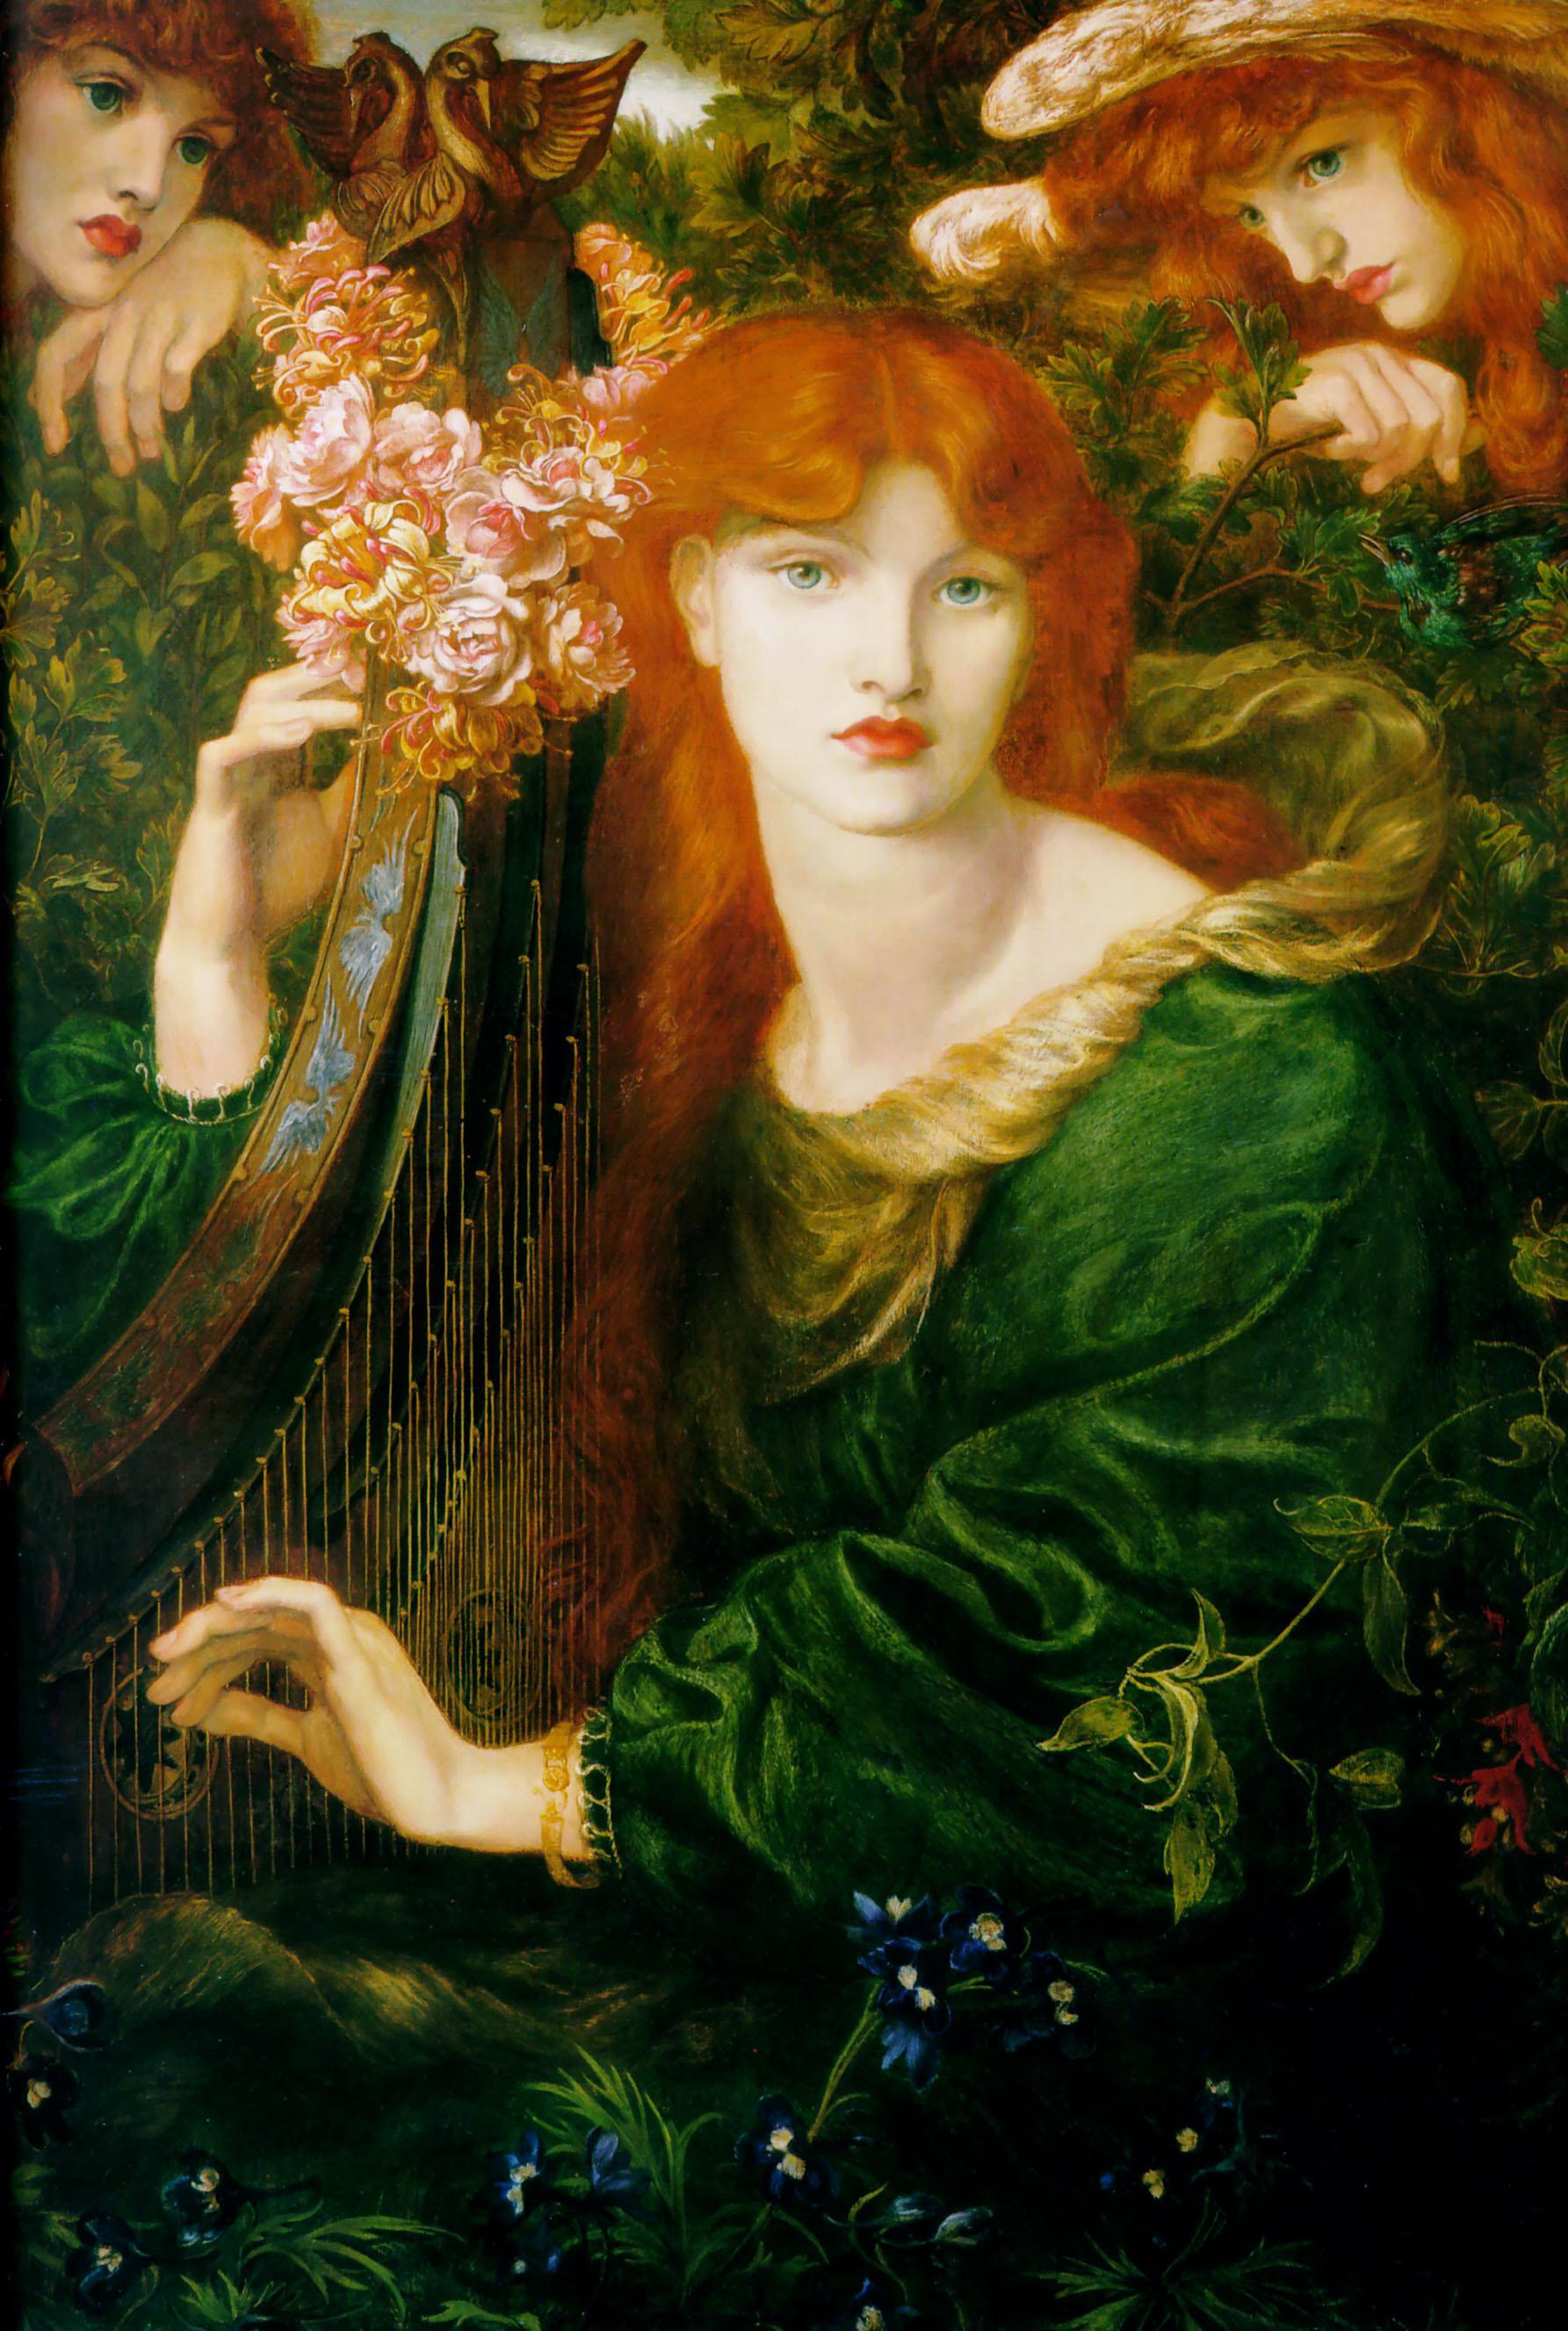 http://upload.wikimedia.org/wikipedia/commons/1/1d/Rossetti,_Dante_Gabriel_-_La_Ghirlandata_-_1871-1874.jpg